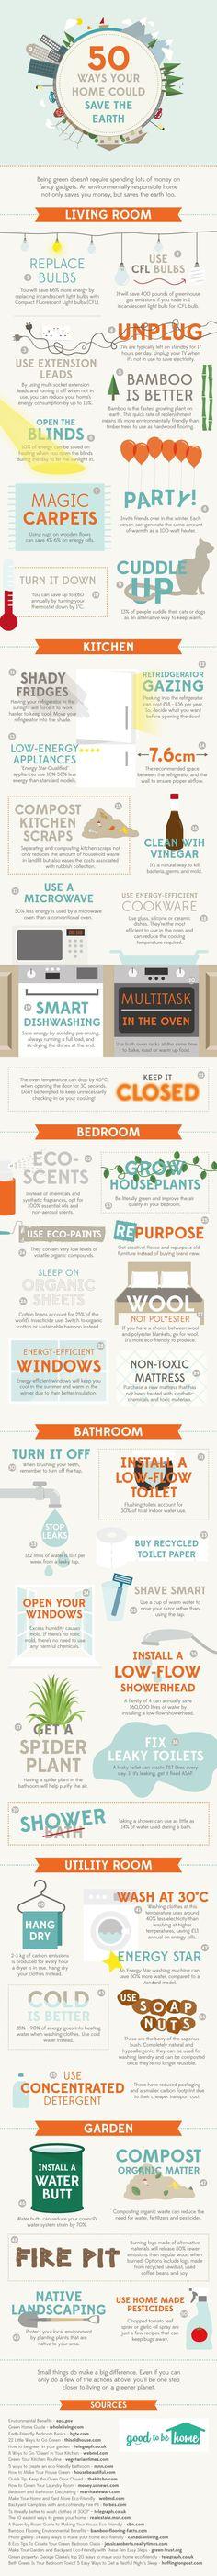 50 formas de ahorrar en casa. Más allá del tip de usar mas el microondas para cocinar, realmente muy buenos tips. Sigamos sumando!!